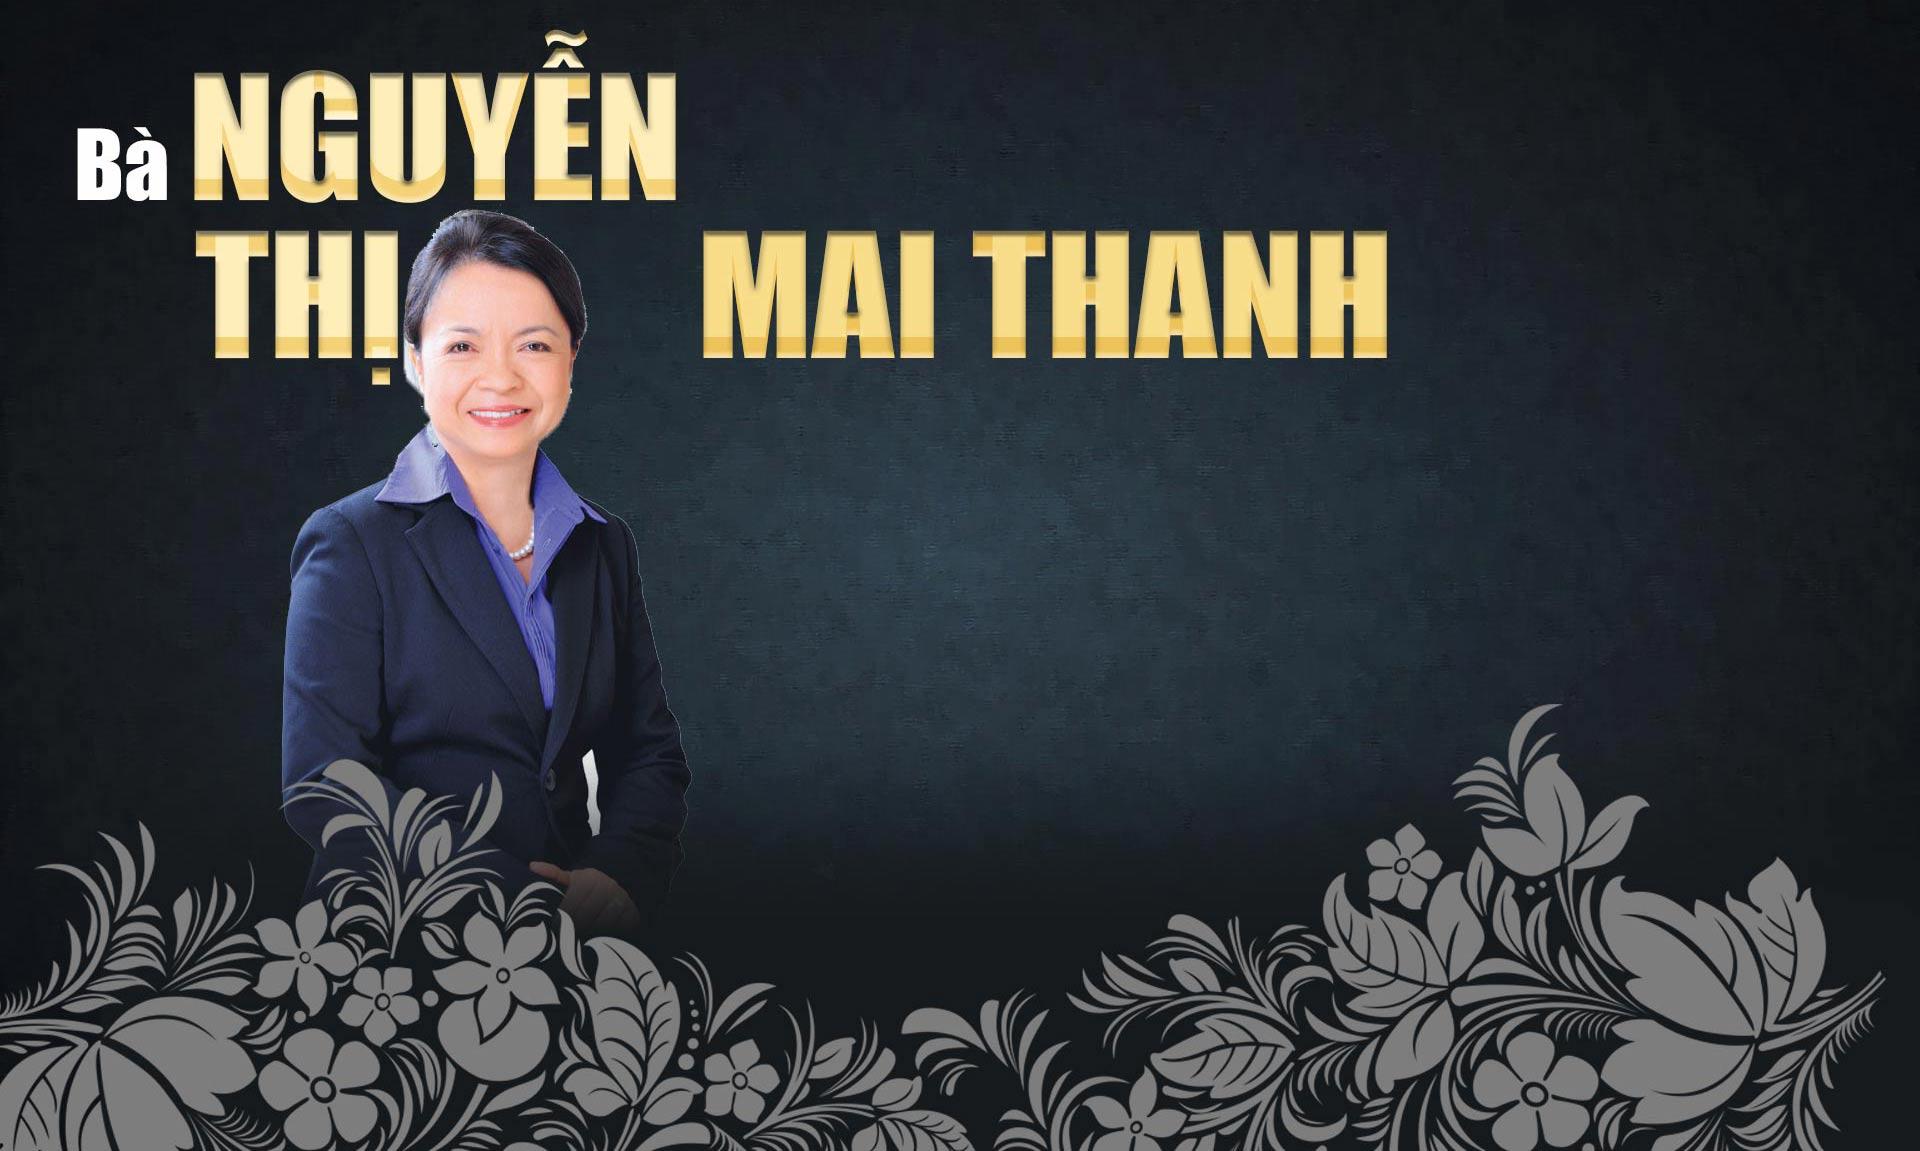 10 phụ nữ Việt gây choáng bởi sự giàu có, giỏi giang và quyền lực - 16